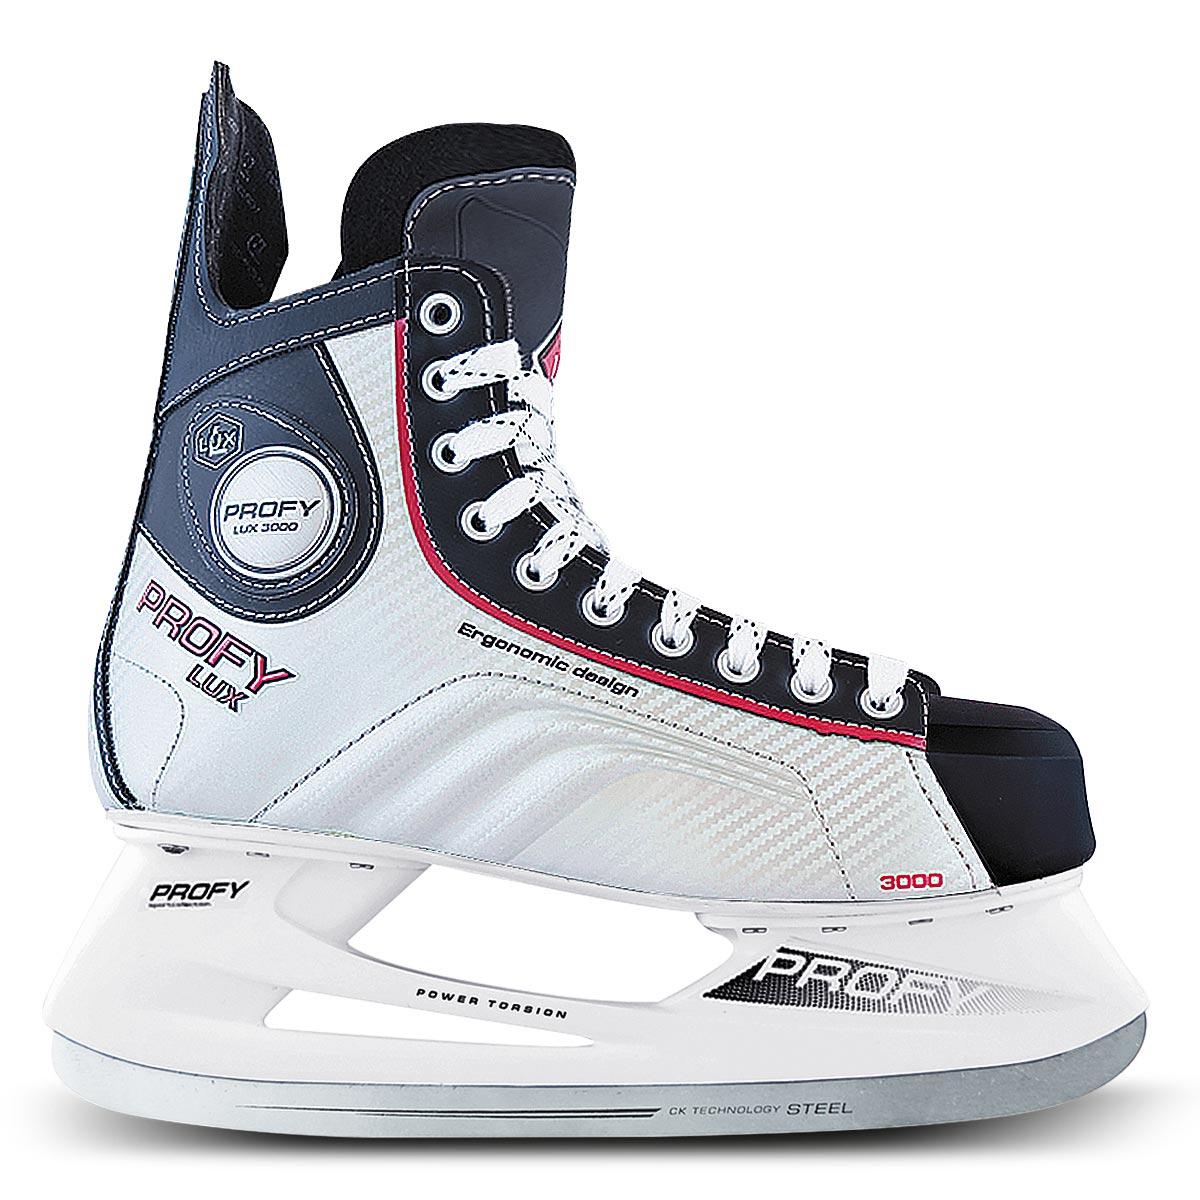 Коньки хоккейные мужские СК Profy Lux 3000, цвет: черный, серебряный, красный. Размер 40 PROFY LUX 3000 Red_40